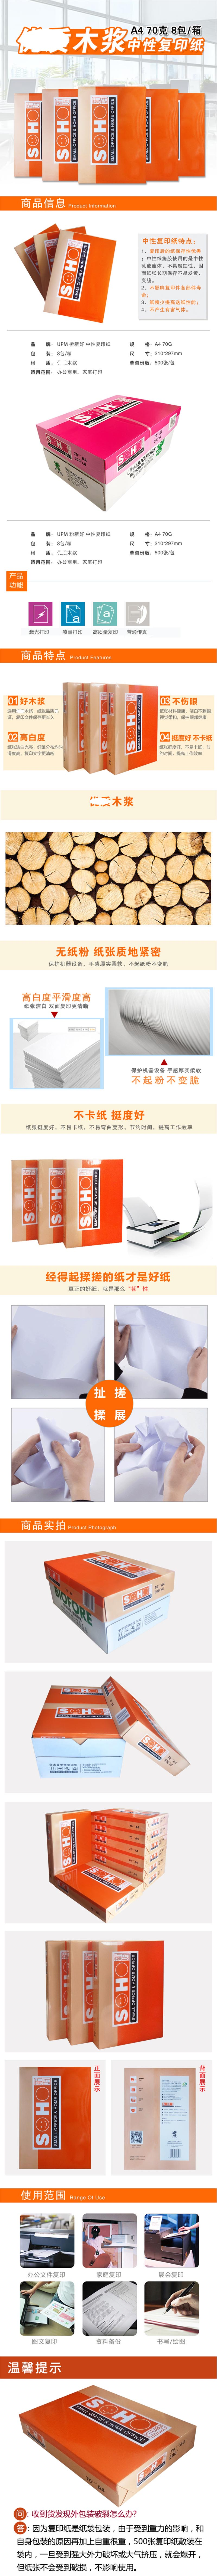 橙新好70G A4复印纸